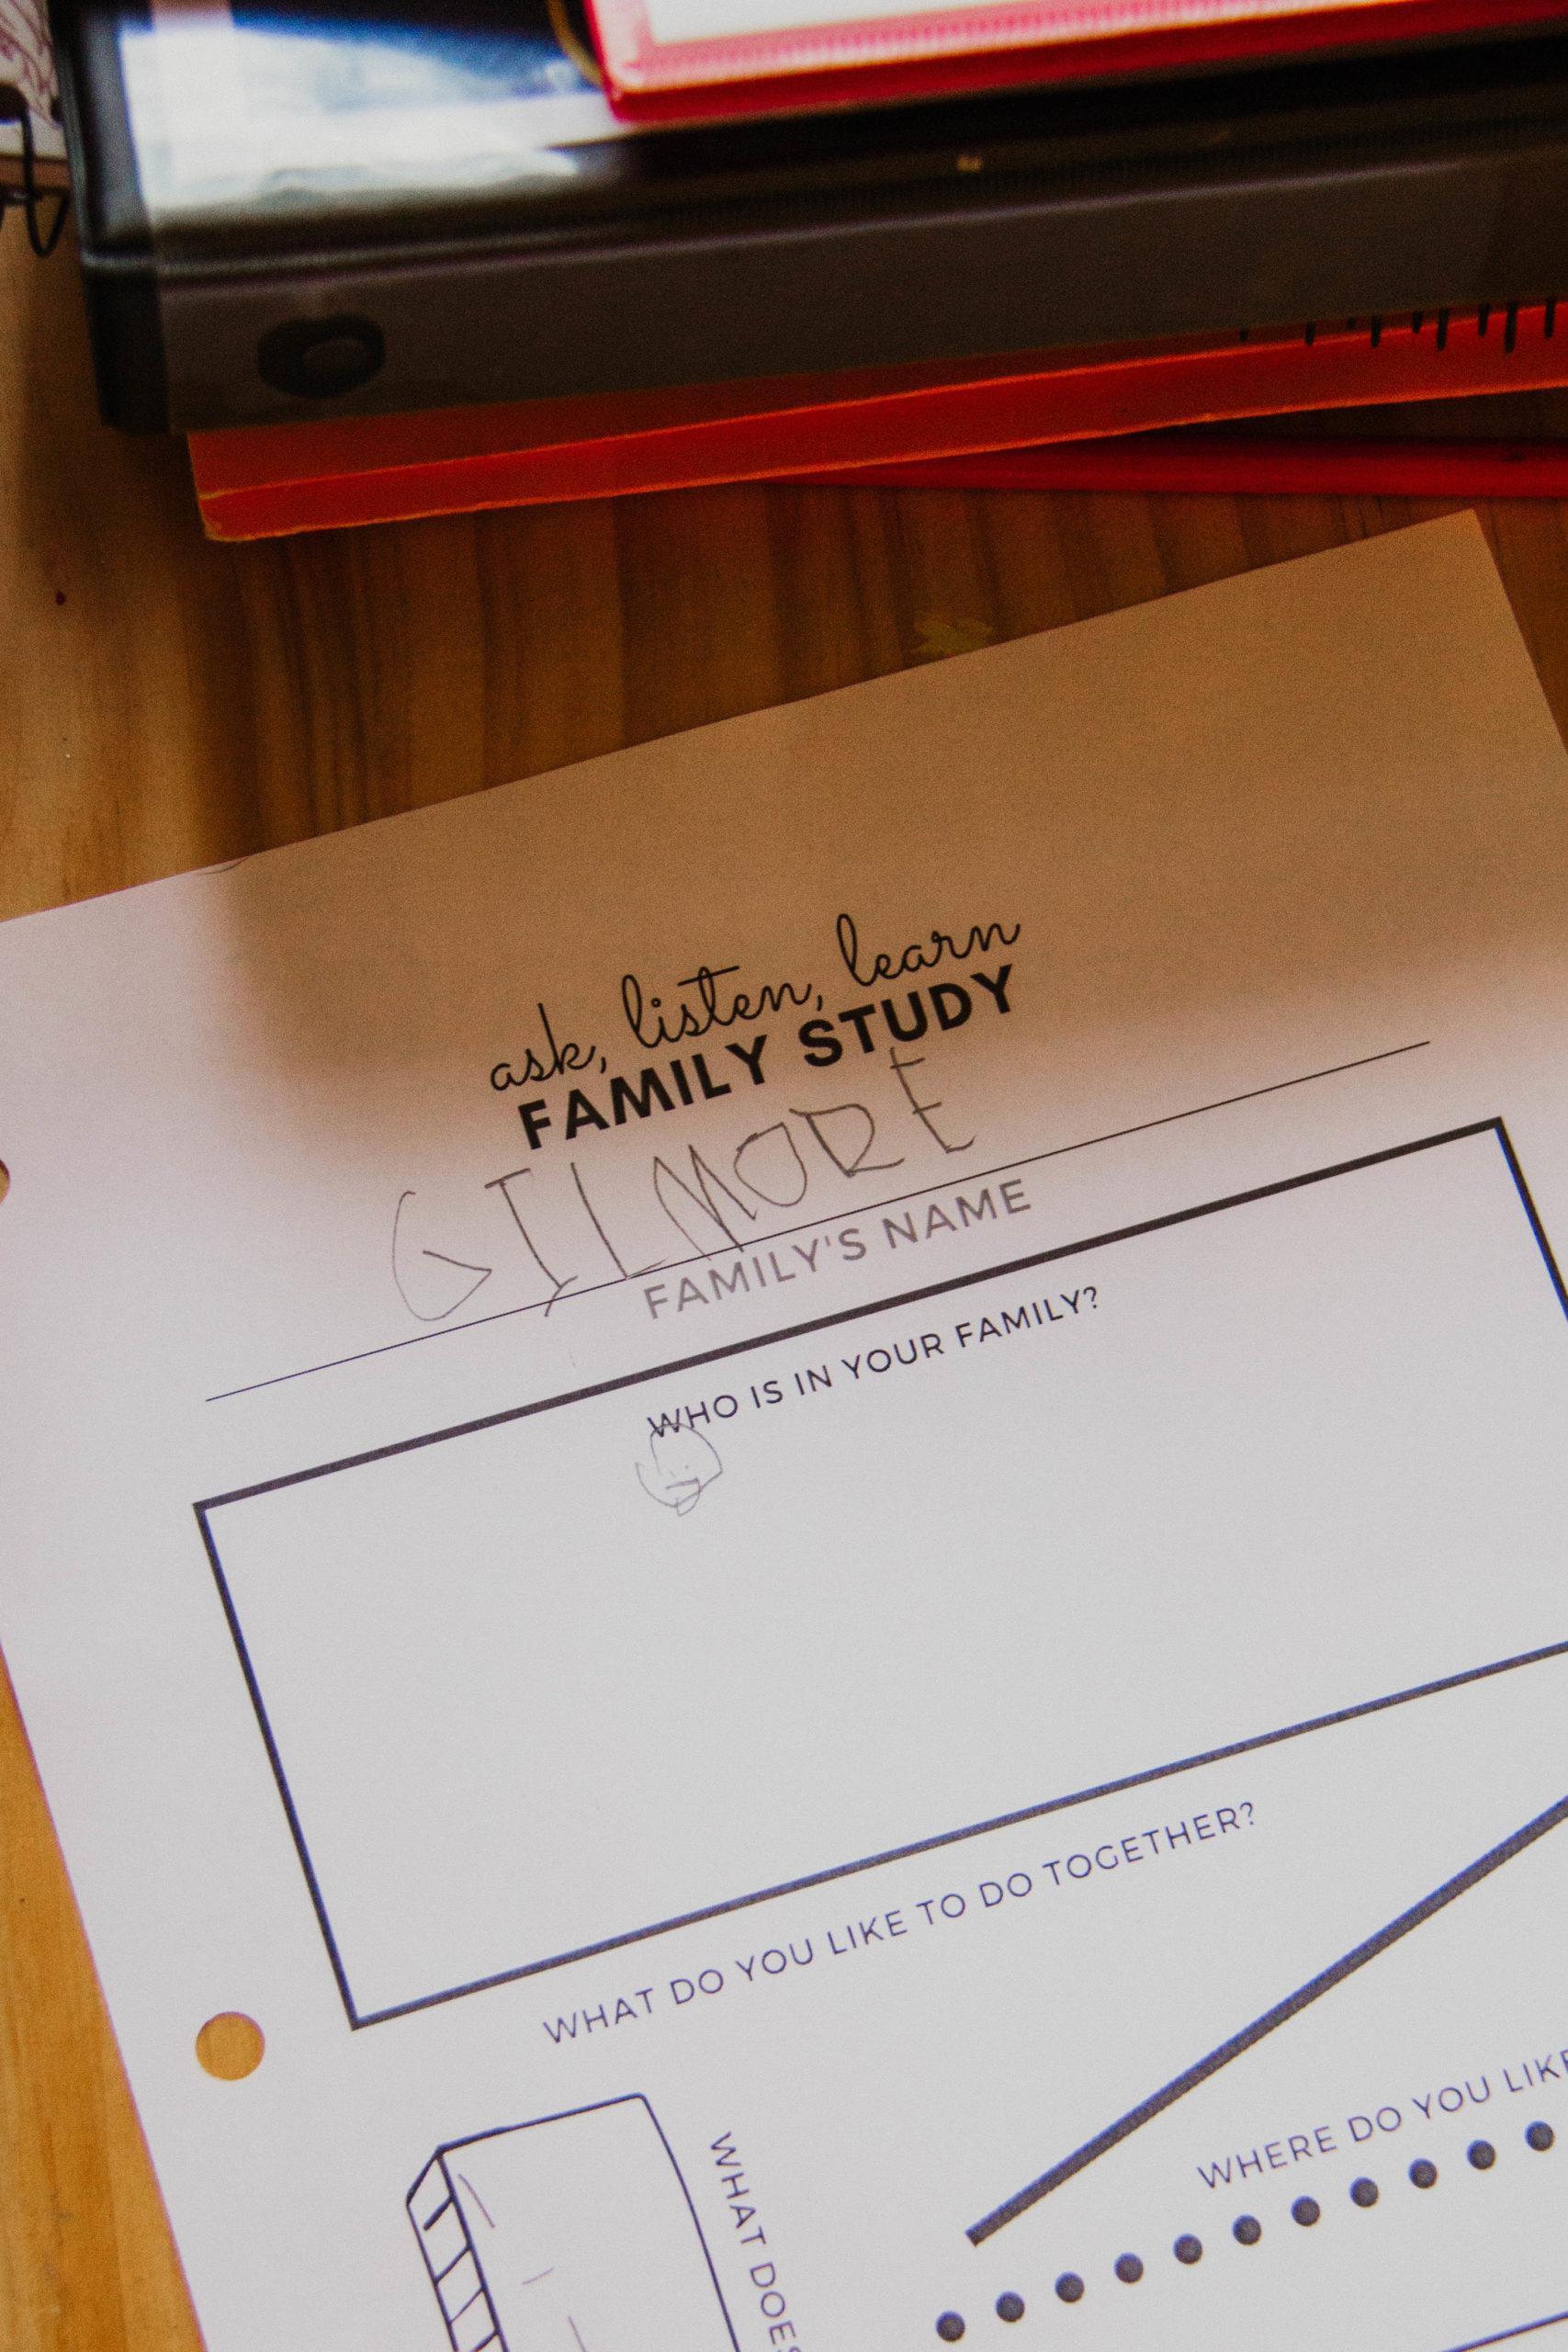 Family Study Worksheet